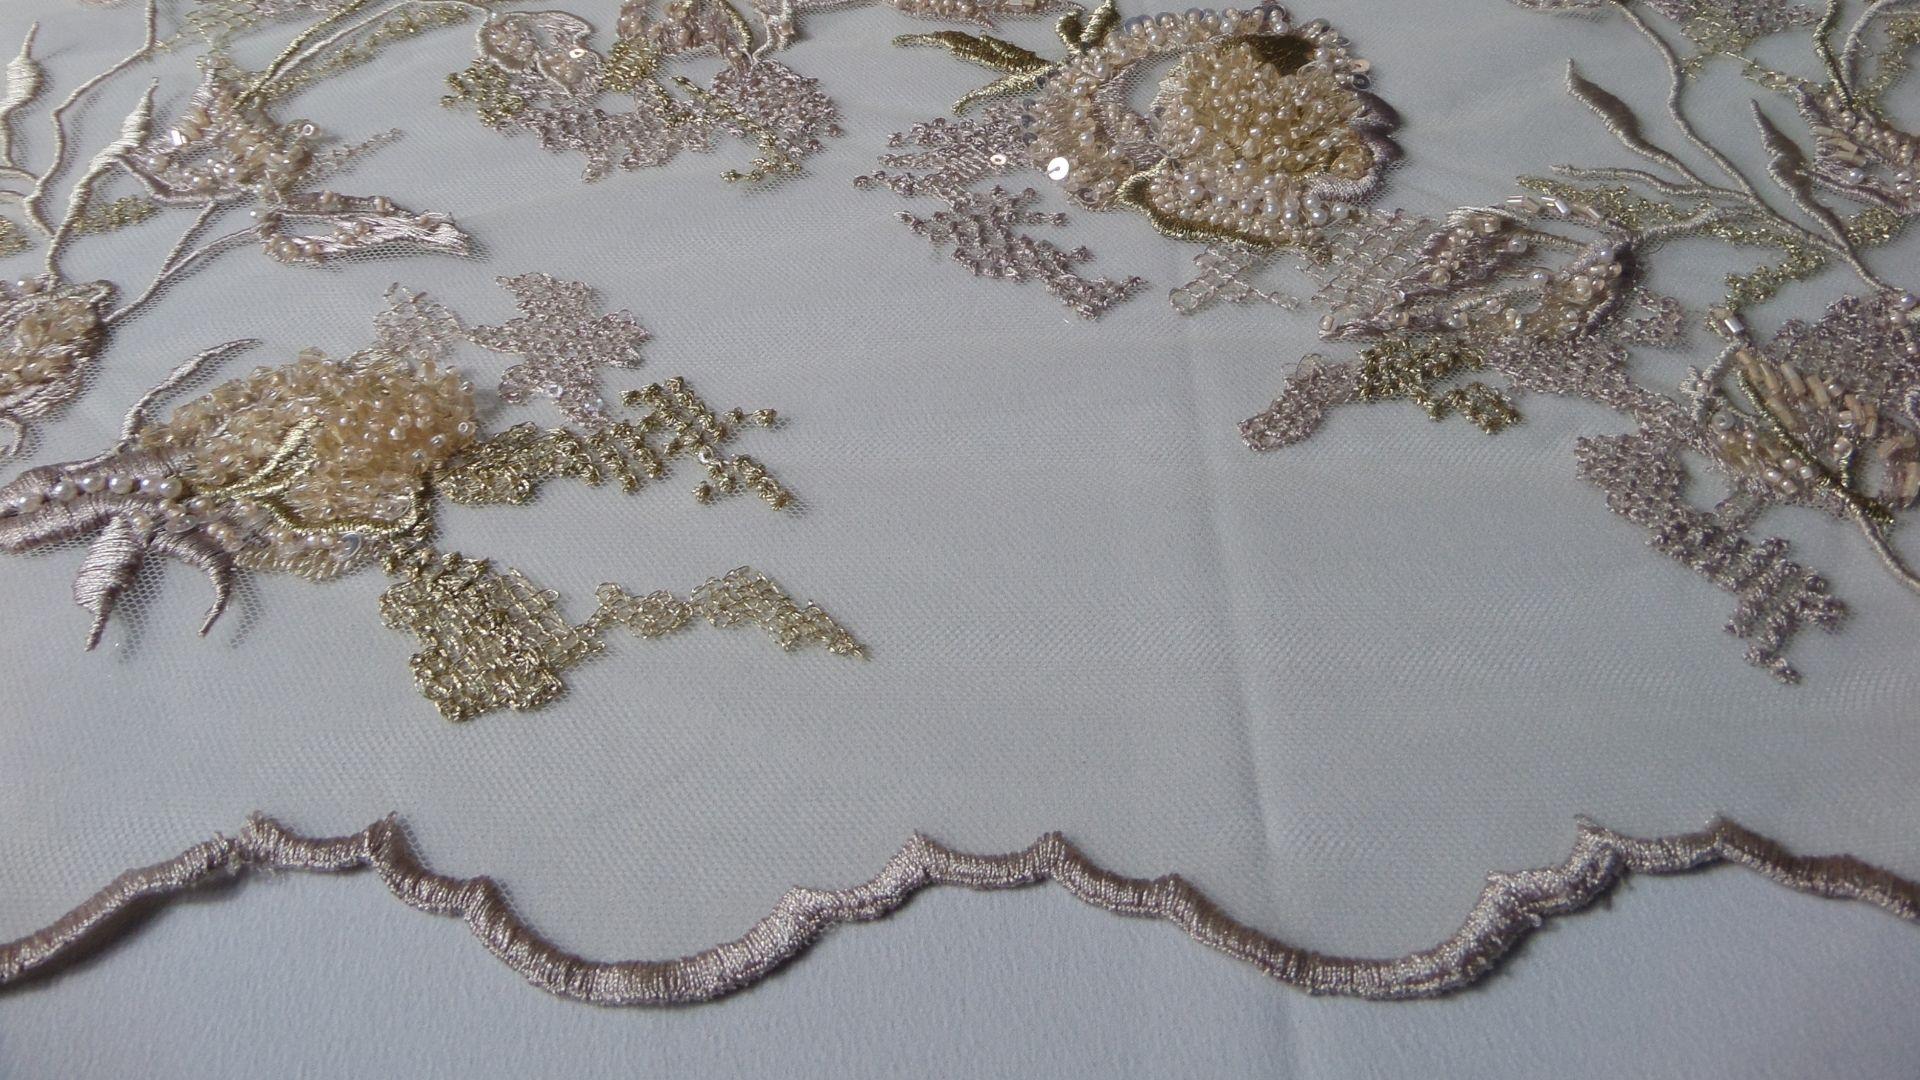 il particolare del tessuto SX228, appartenente alla categoria ricami con accessori, di Leadford & Logan